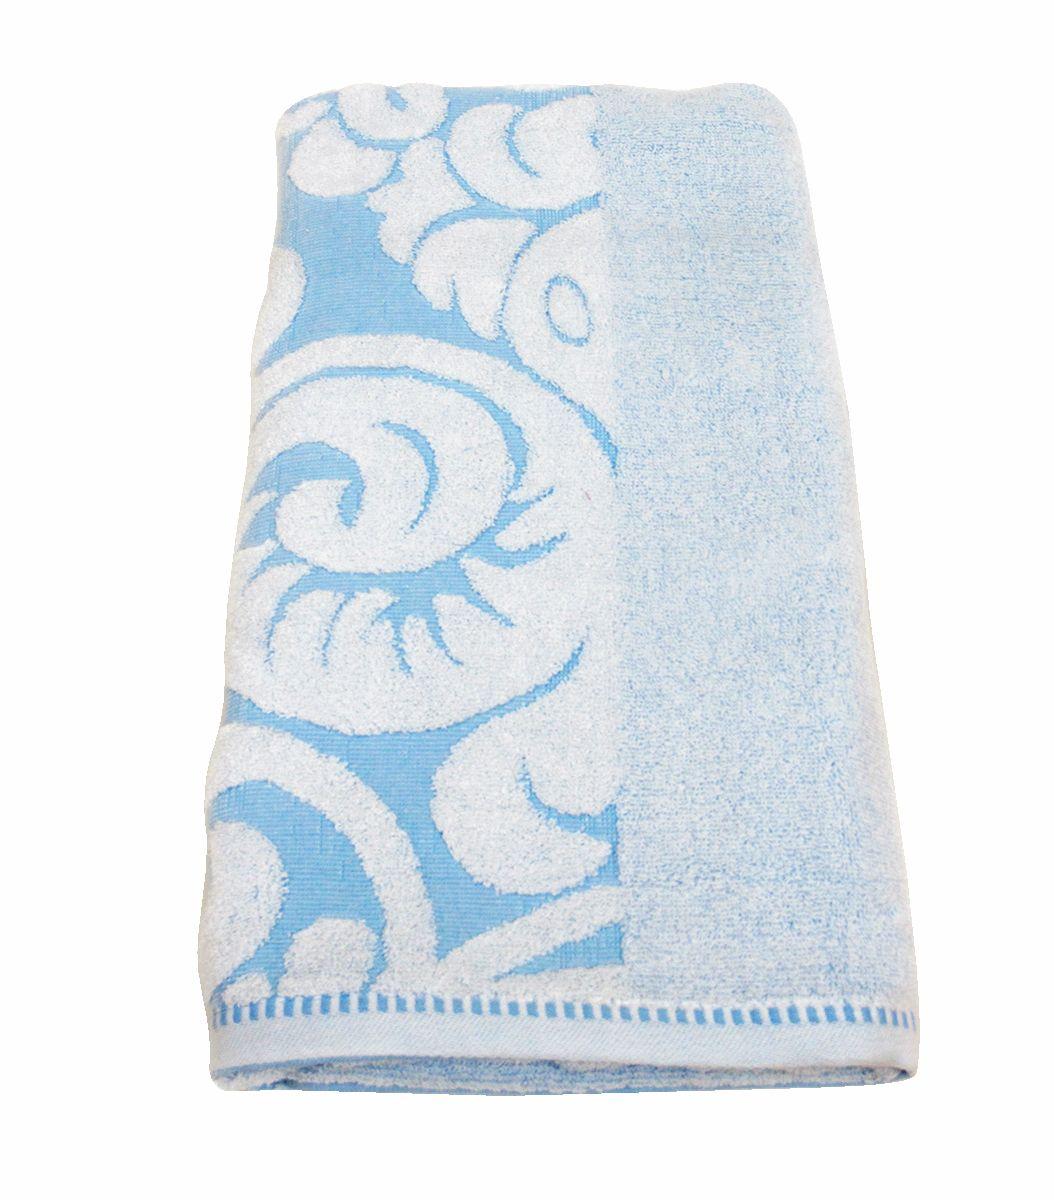 Полотенце махровое НВ Версаль, цвет: синий, 70 х 130 см. м0394_0178226